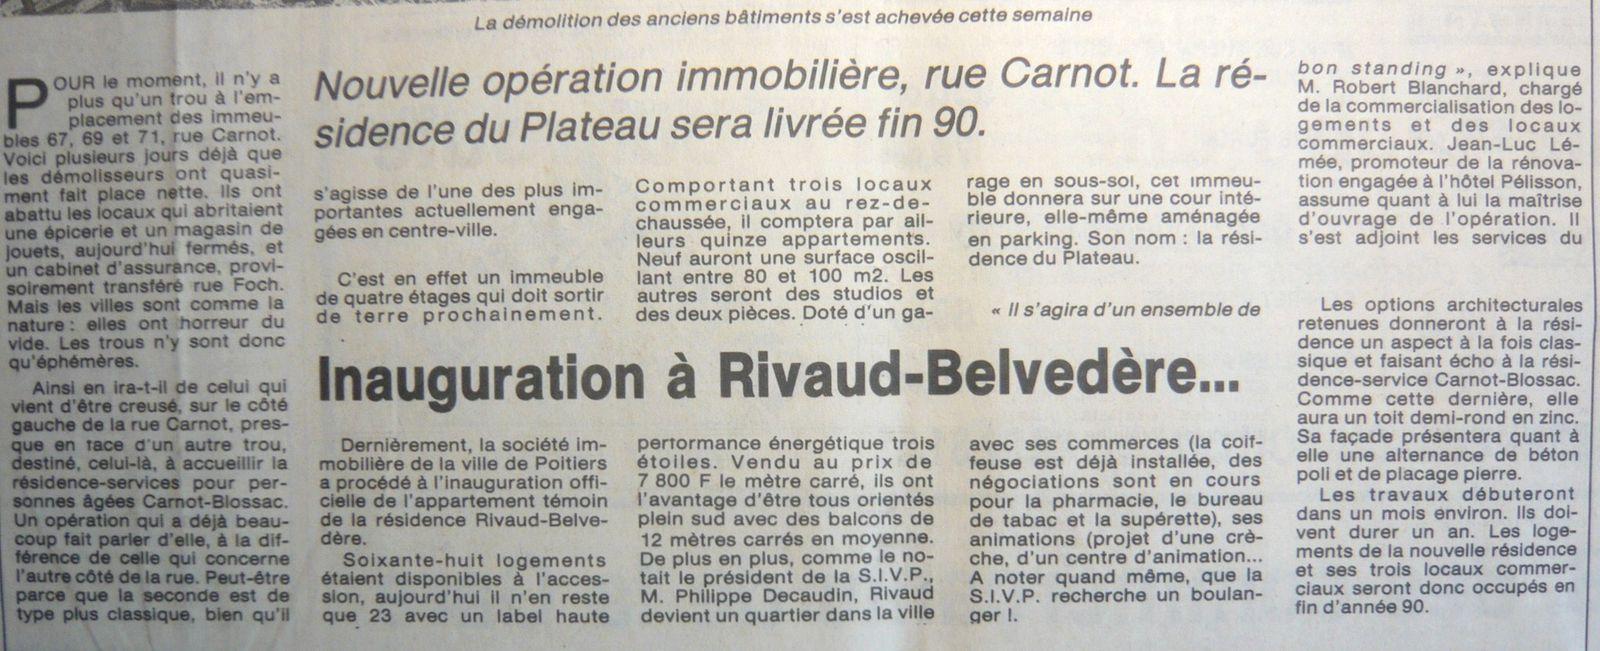 Article sur travaux rue Carnot